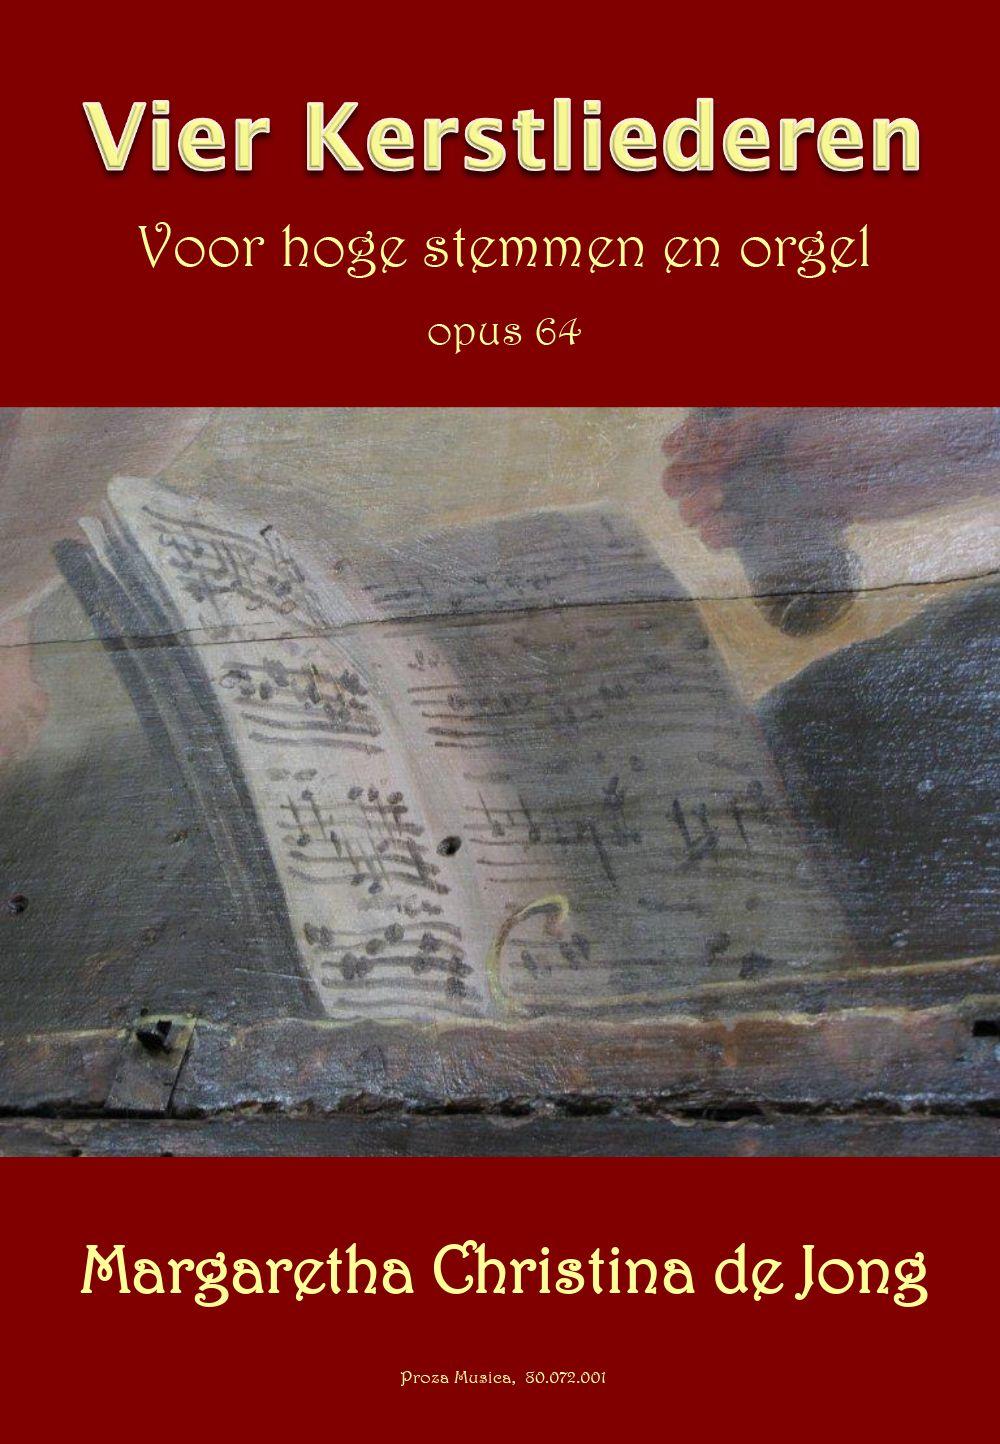 Vier Kerstliederen voor hoge stemmen en orgel